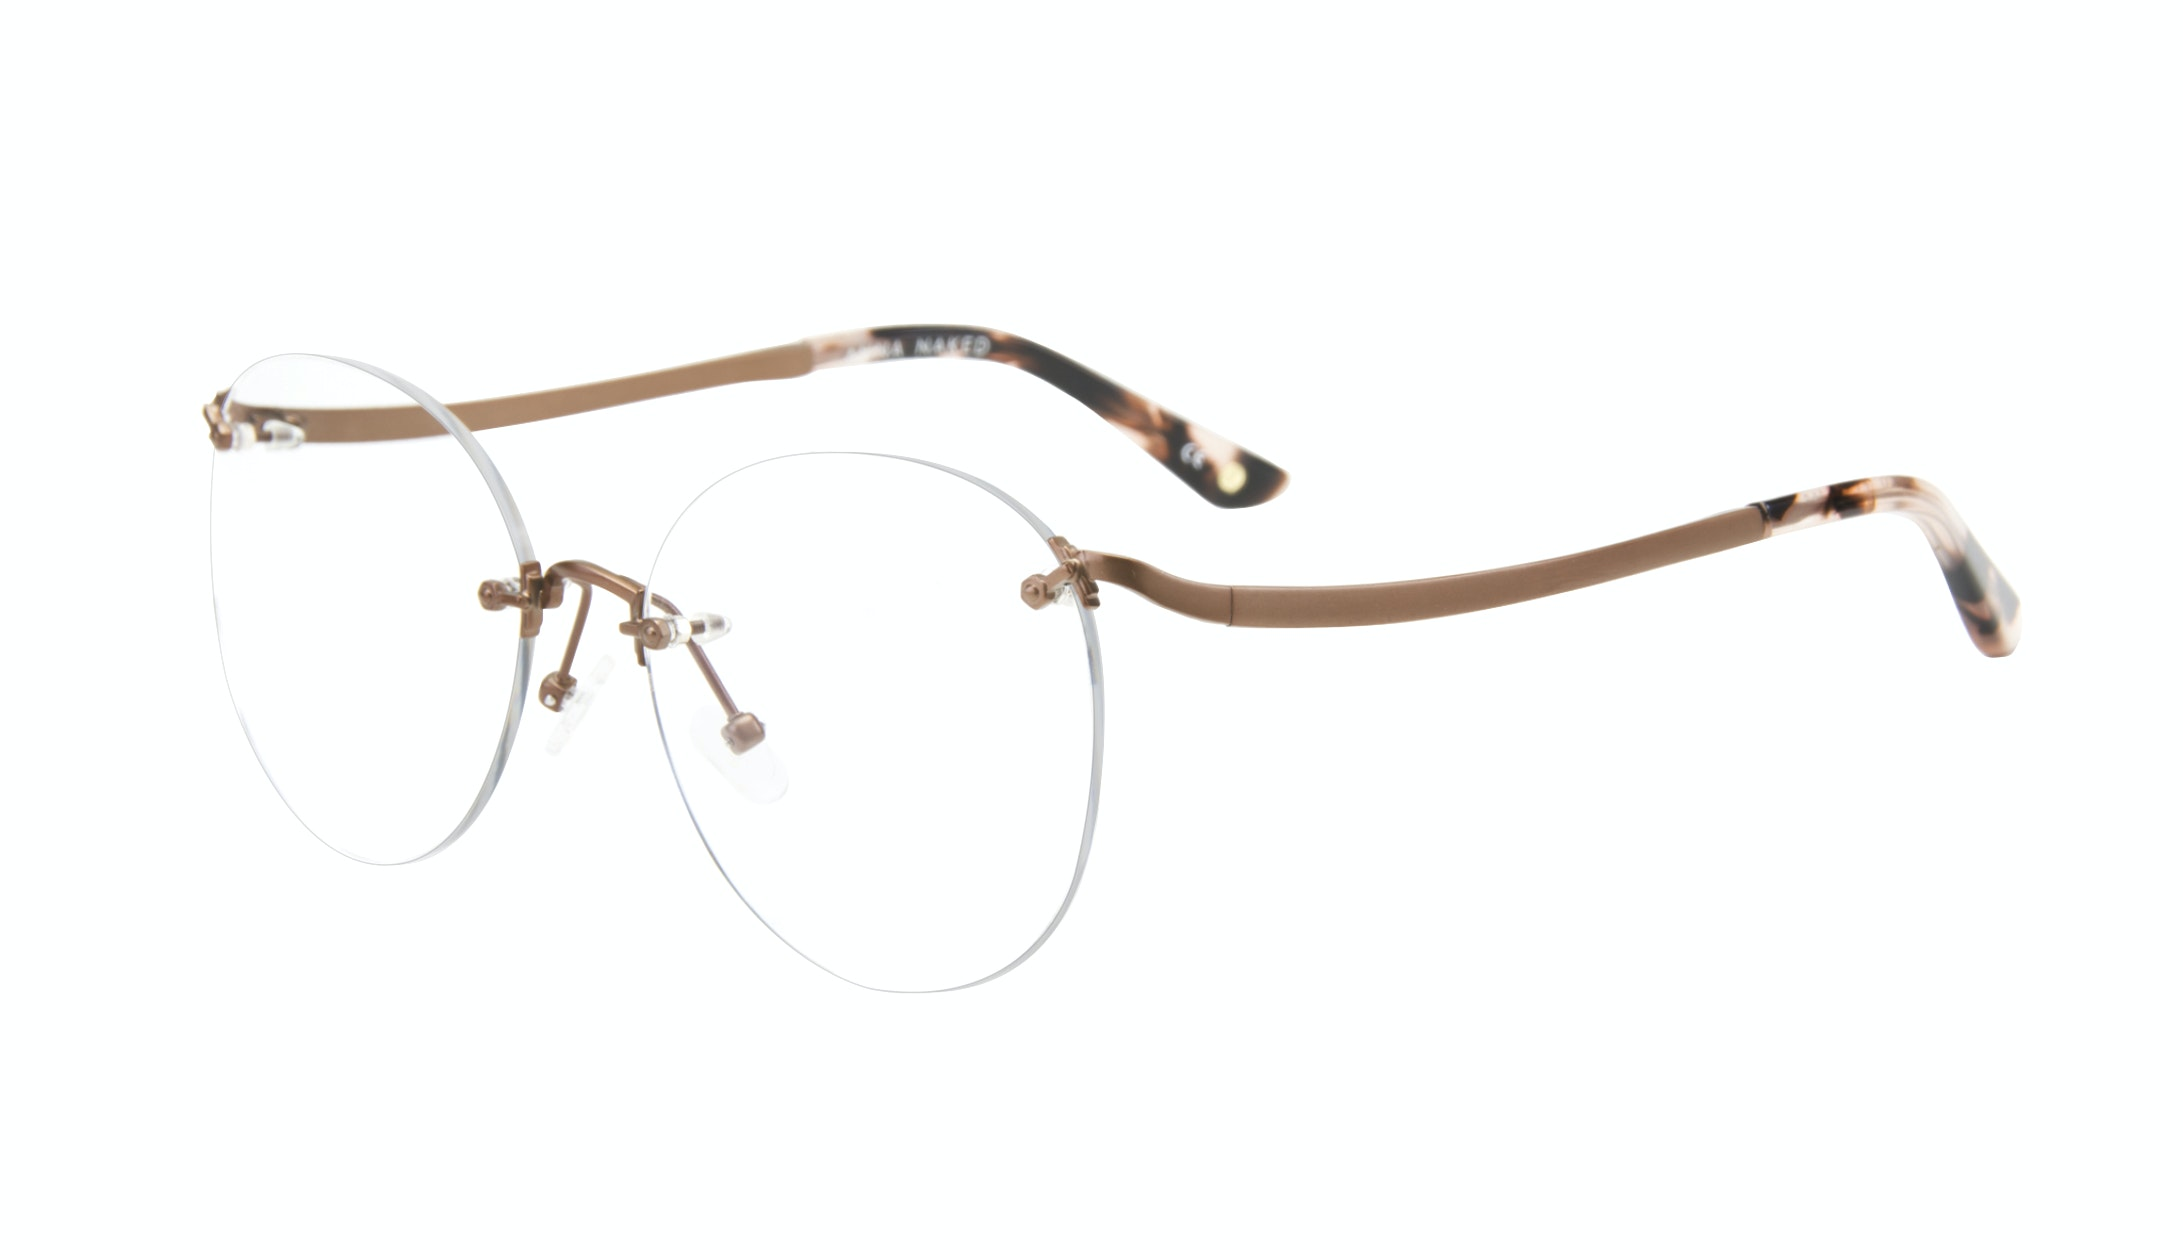 Affordable Fashion Glasses Aviator Cat Eye Eyeglasses Women Anna Naked Tilt